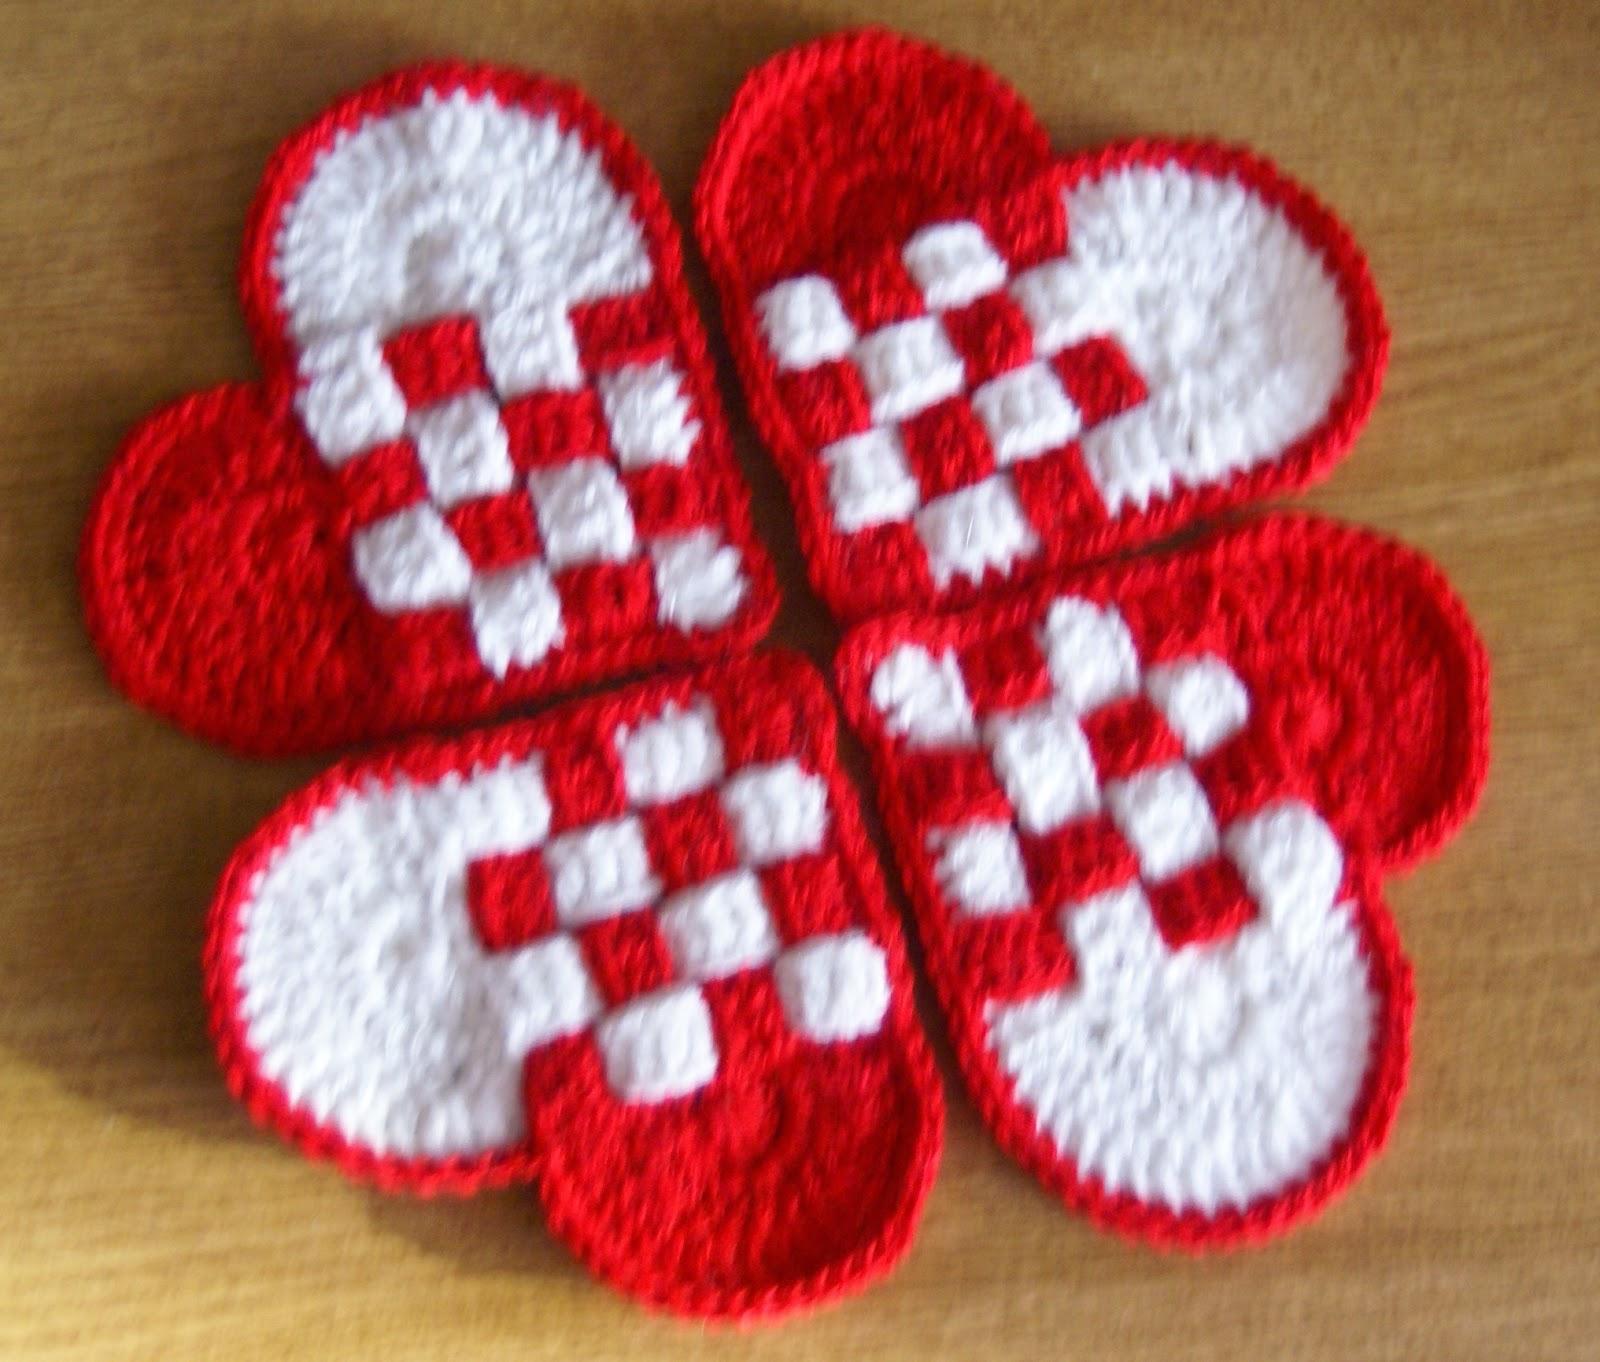 Excepcional Los Patrones De Crochet De San Valentín Cresta - Ideas ...